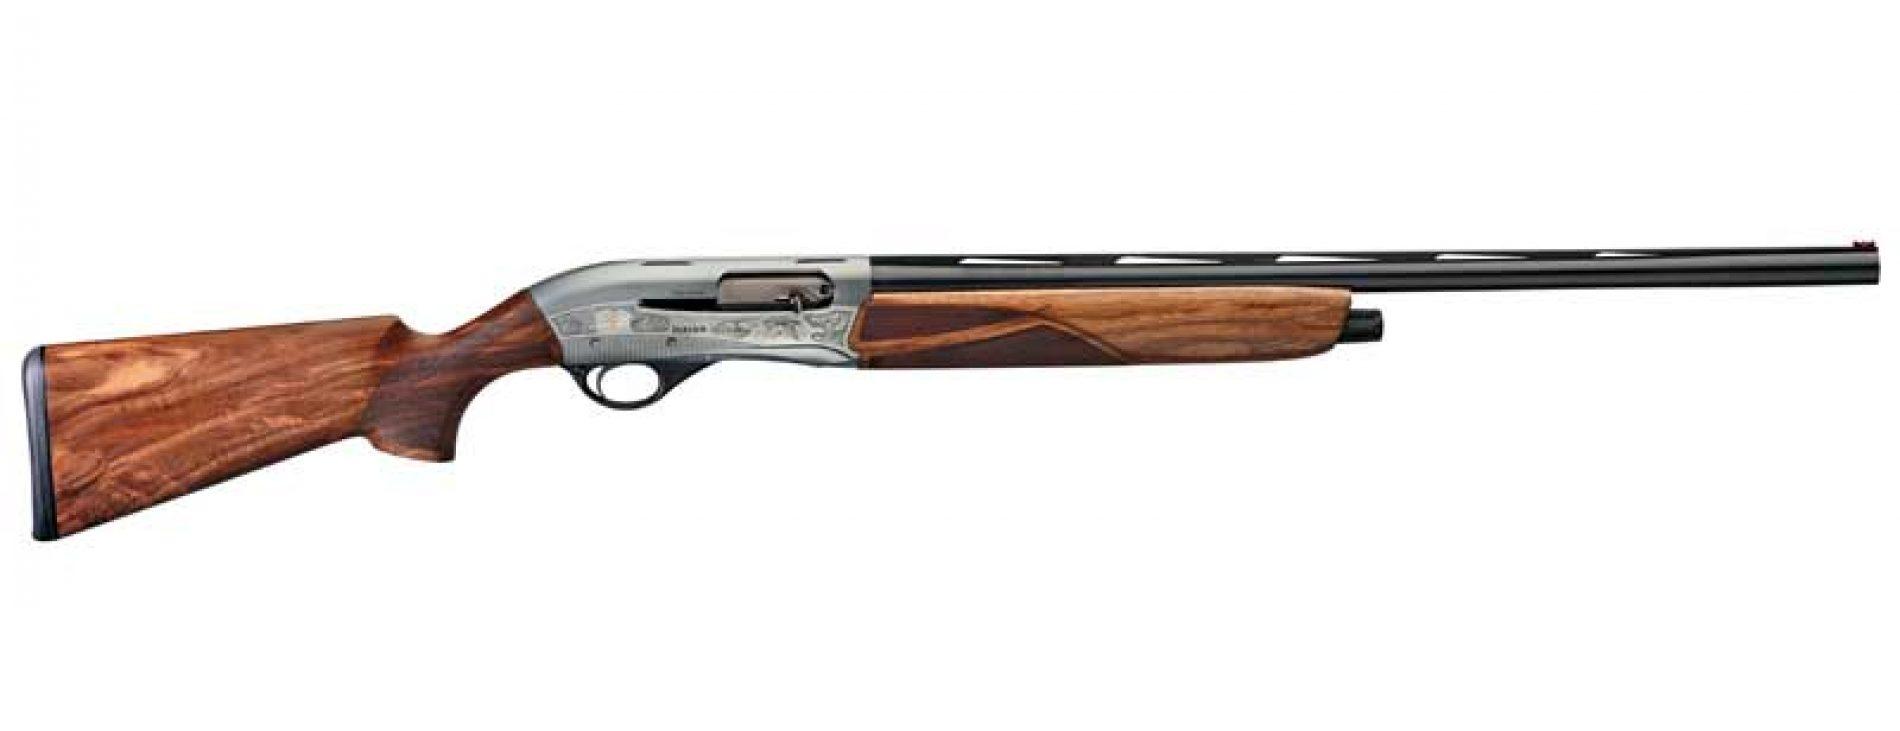 Escopeta semiautomática Fabarm L4S Grey Hunter, ideal para cazar en mano